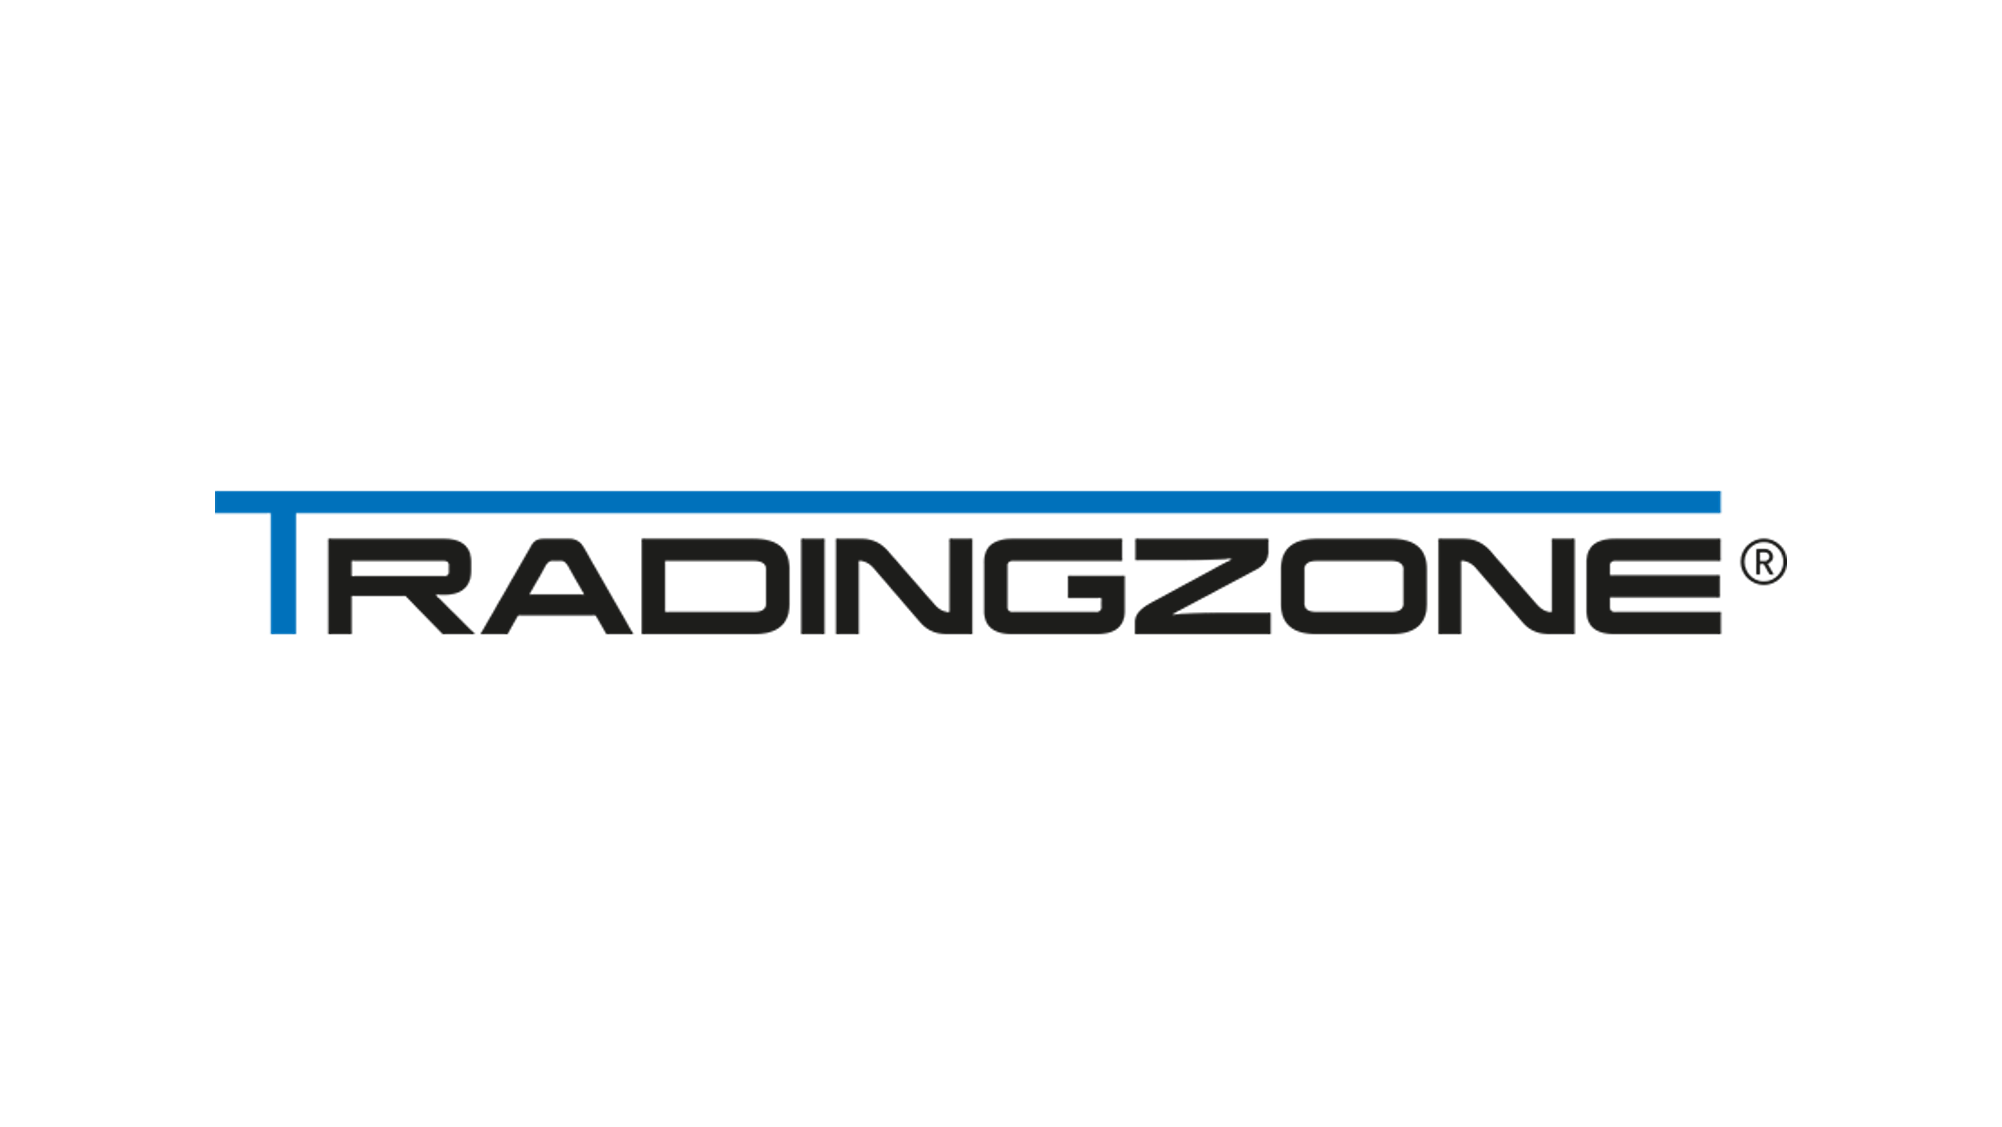 Tradingzone